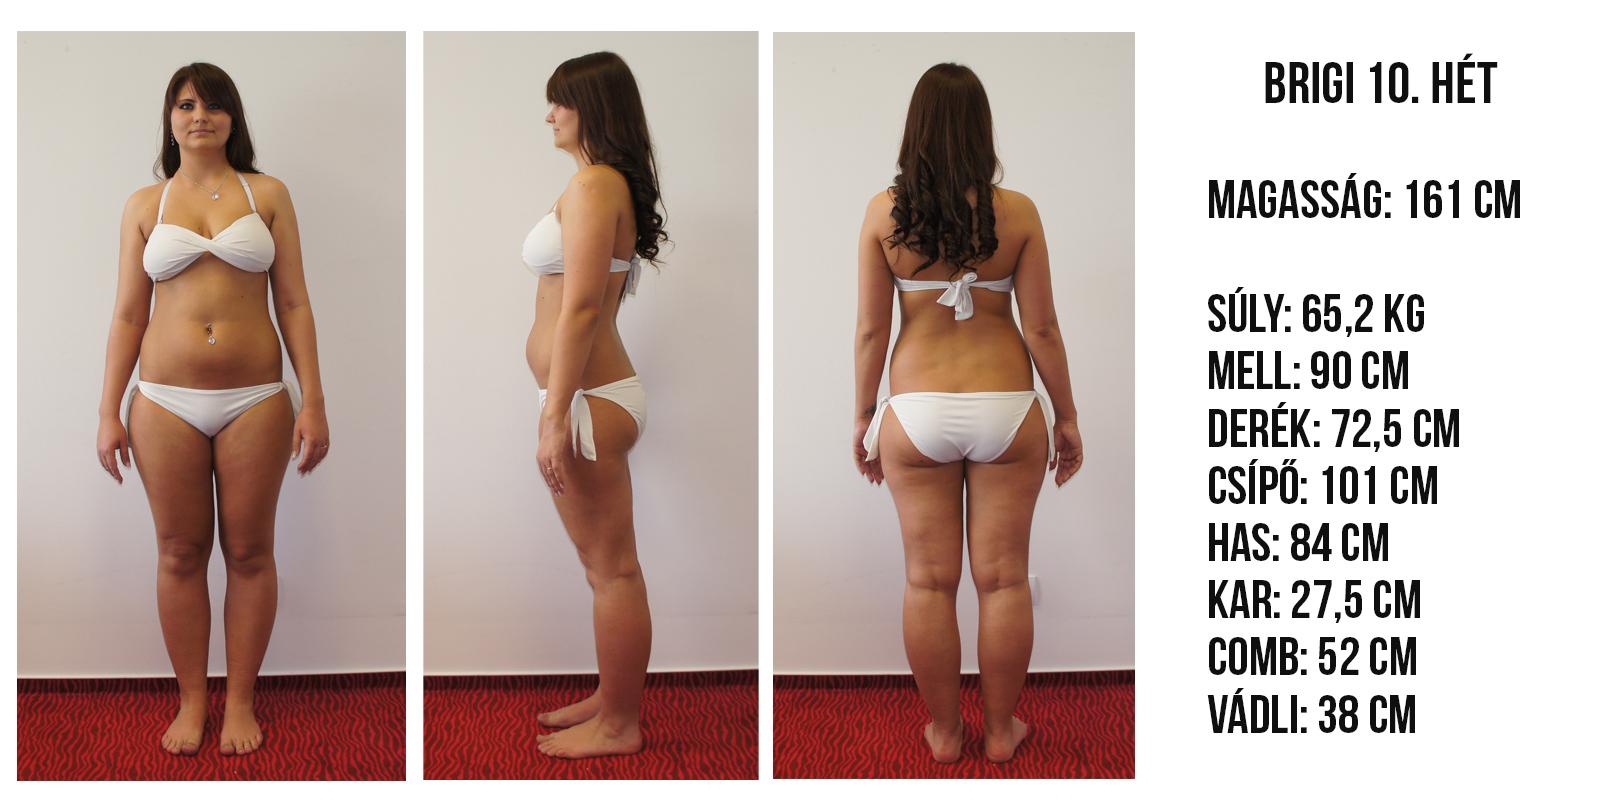 Hogyan lehet lefogyni a csípő súlyát. Hogyan kell fogyni a csípő és a szereplők